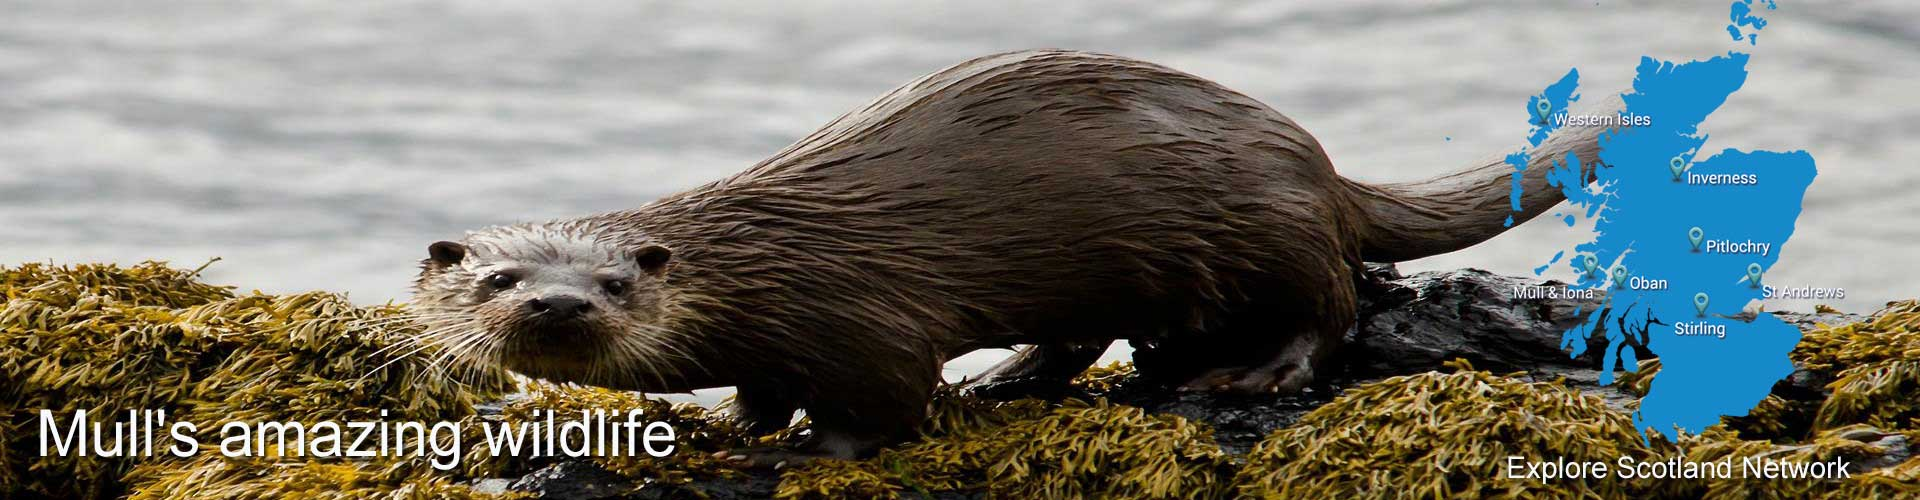 Isle of Mull Otters